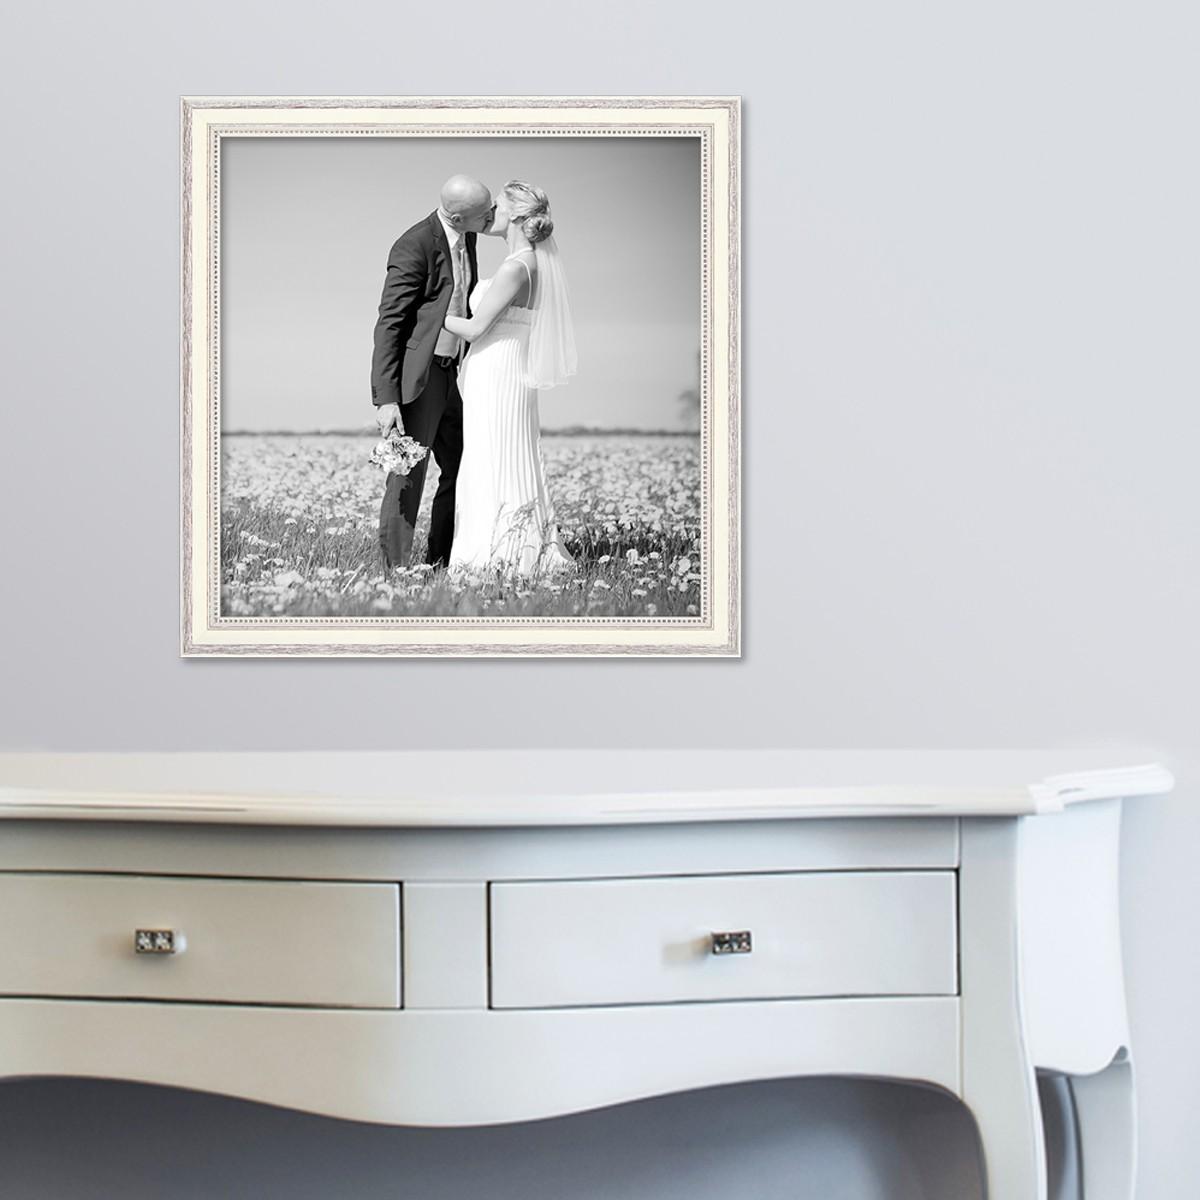 bilderrahmen shabby chic landhaus stil weiss 40x40 cm massivholz mit glasscheibe und zubeh r. Black Bedroom Furniture Sets. Home Design Ideas